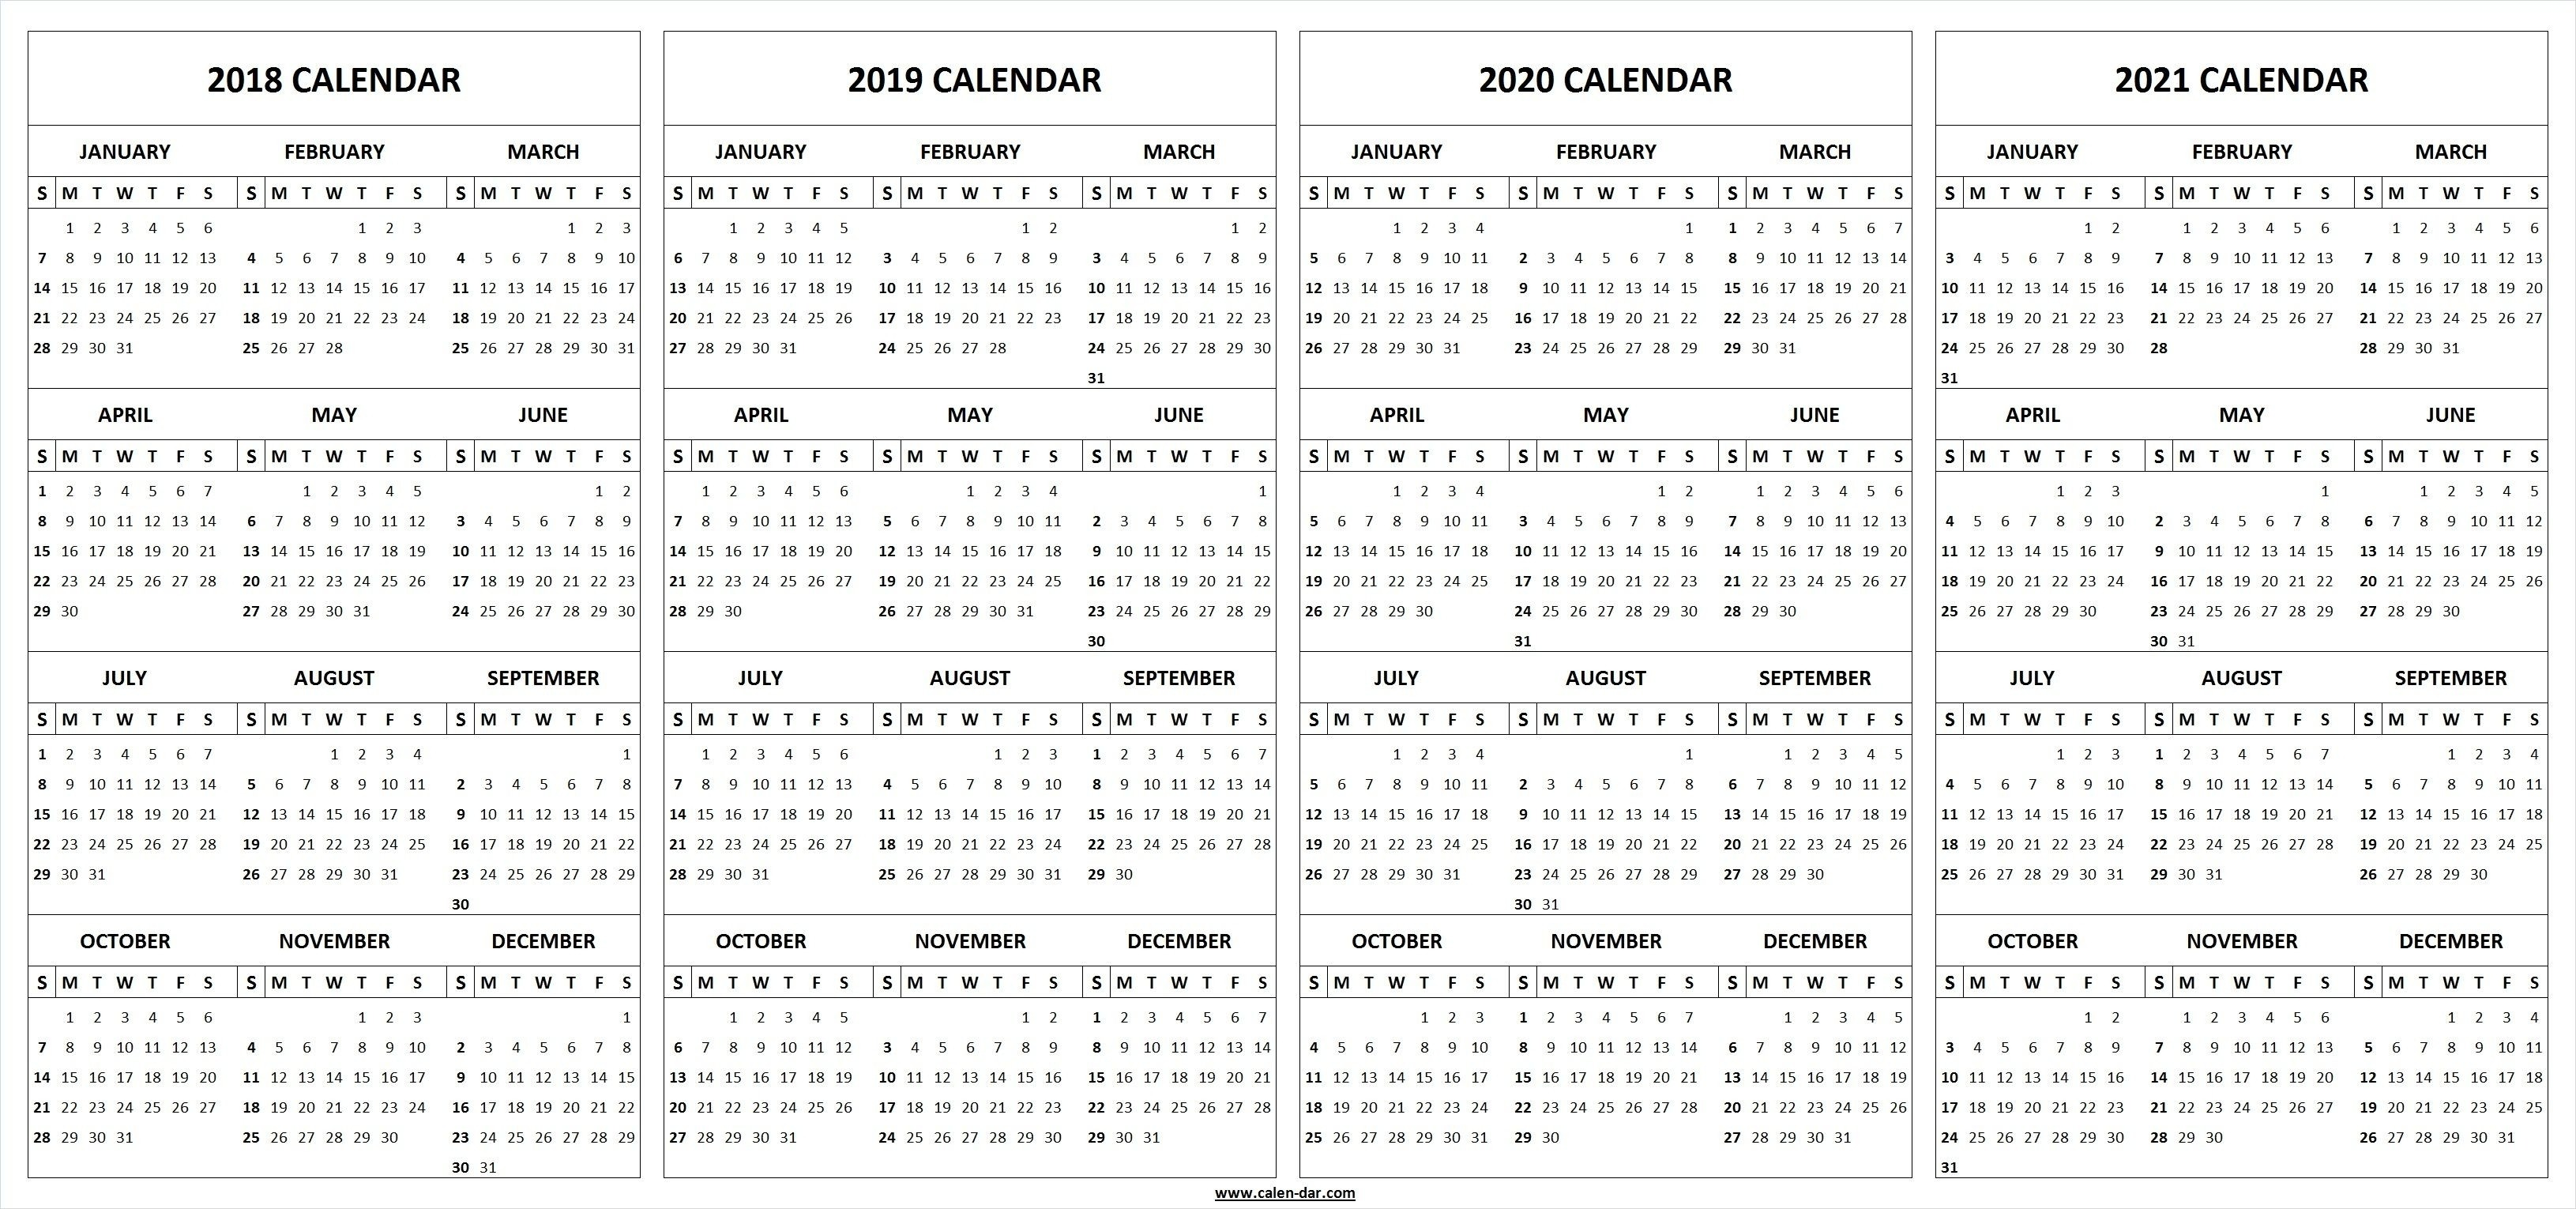 Calendario H 2019 Más Actual Adobe Indesign Calendar Template 2020 Of Calendario H 2019 Más Actual Quadzilla 150 Parts Manual Ebook